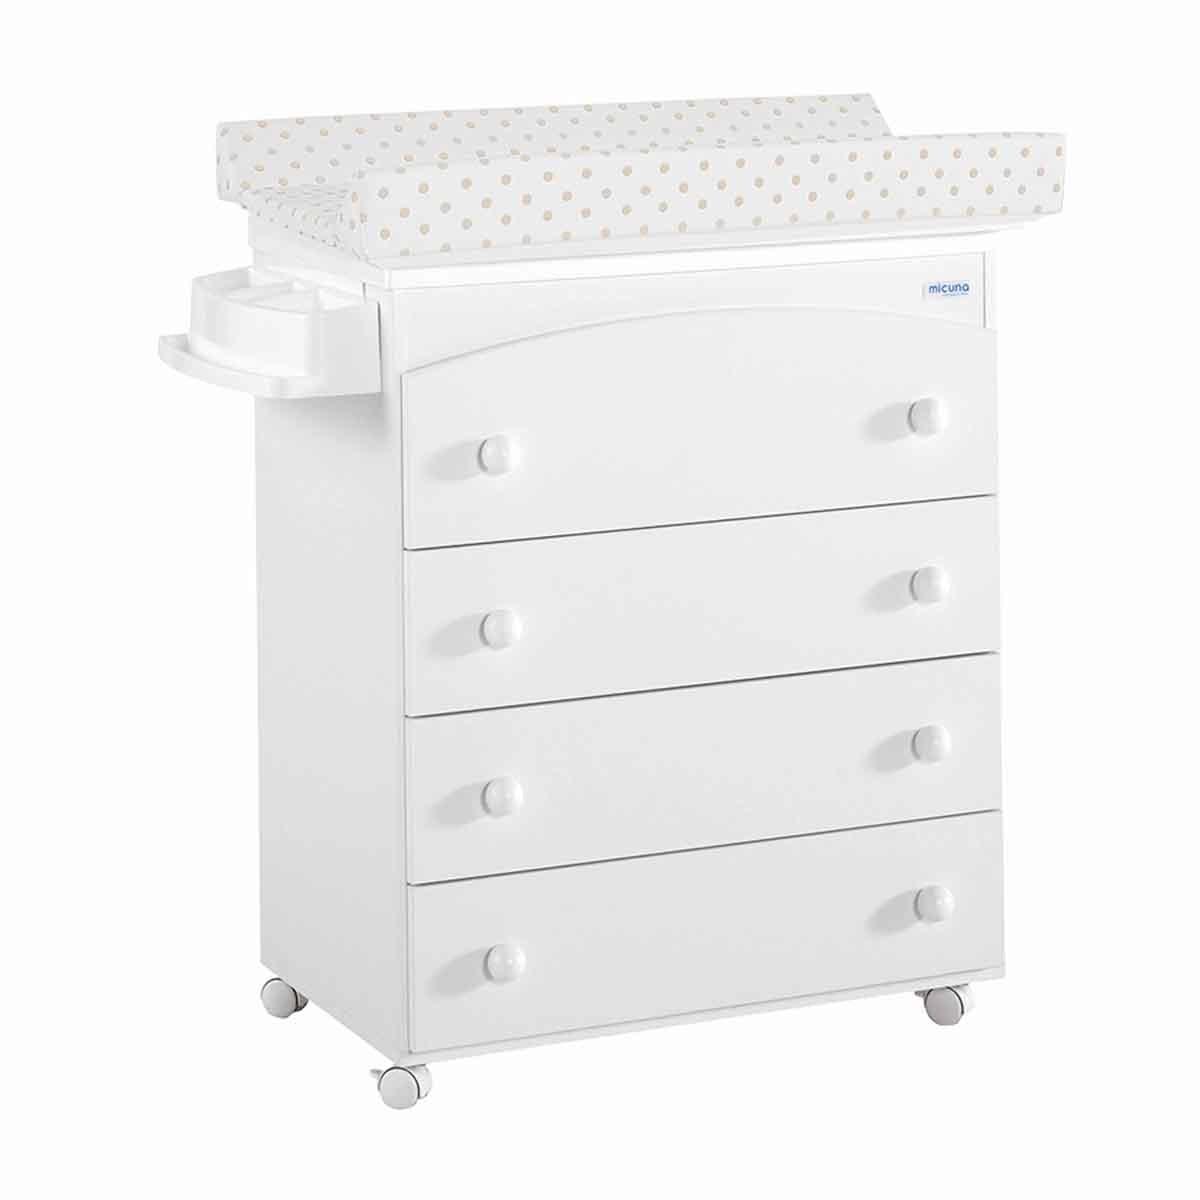 Mueble Bañera/Cambiador Micuna blanco/Lunares beige